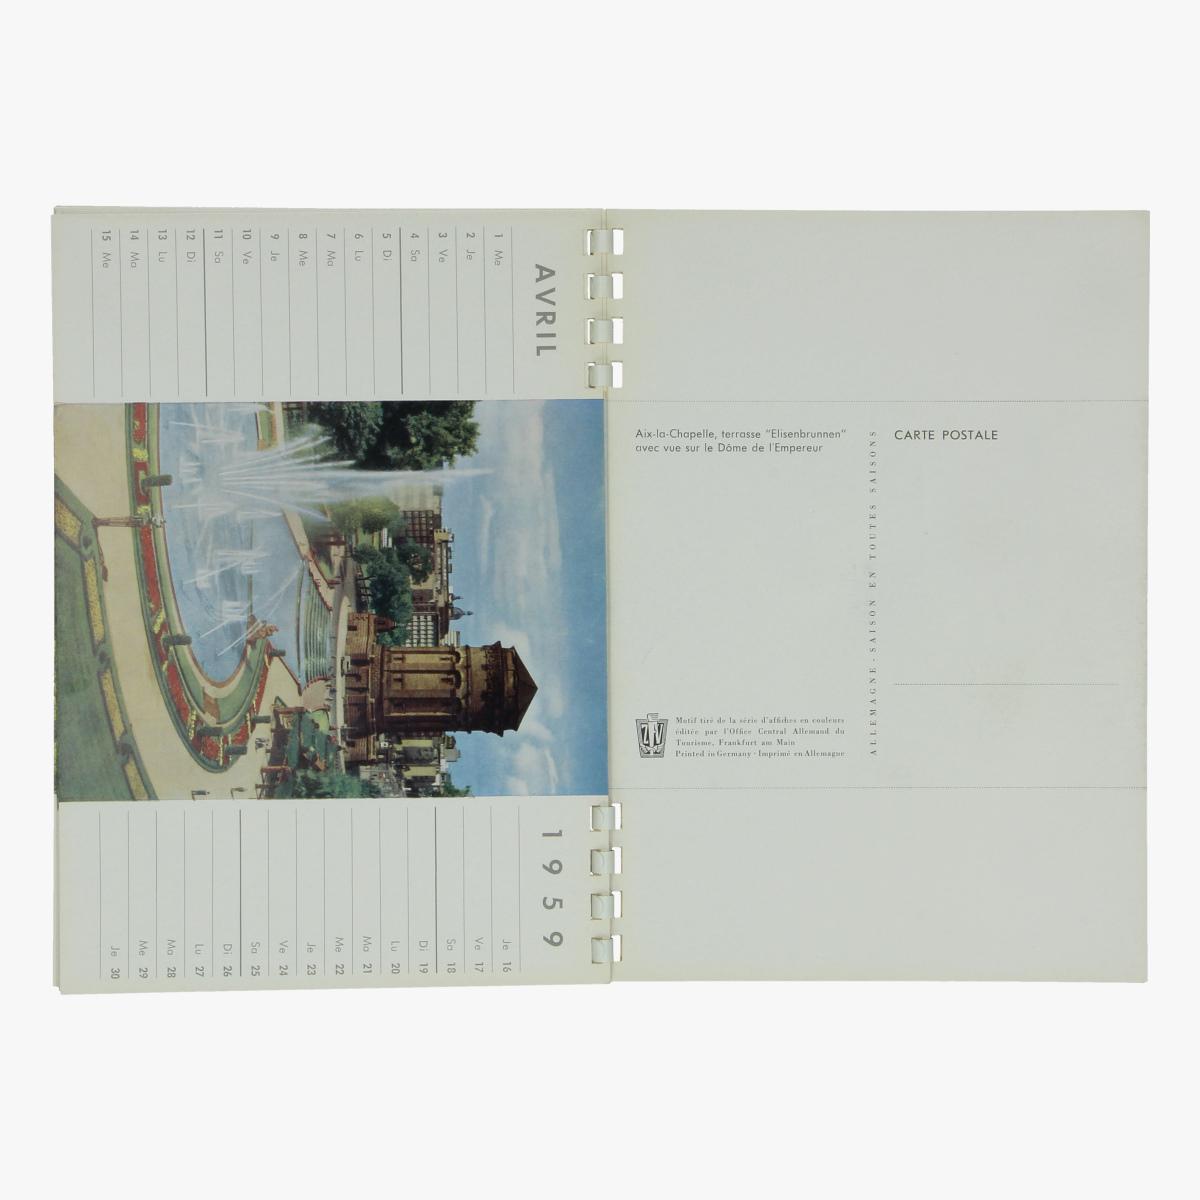 Afbeeldingen van meilleurs voeux pour 1959 - tourisme kalender - postkaarten